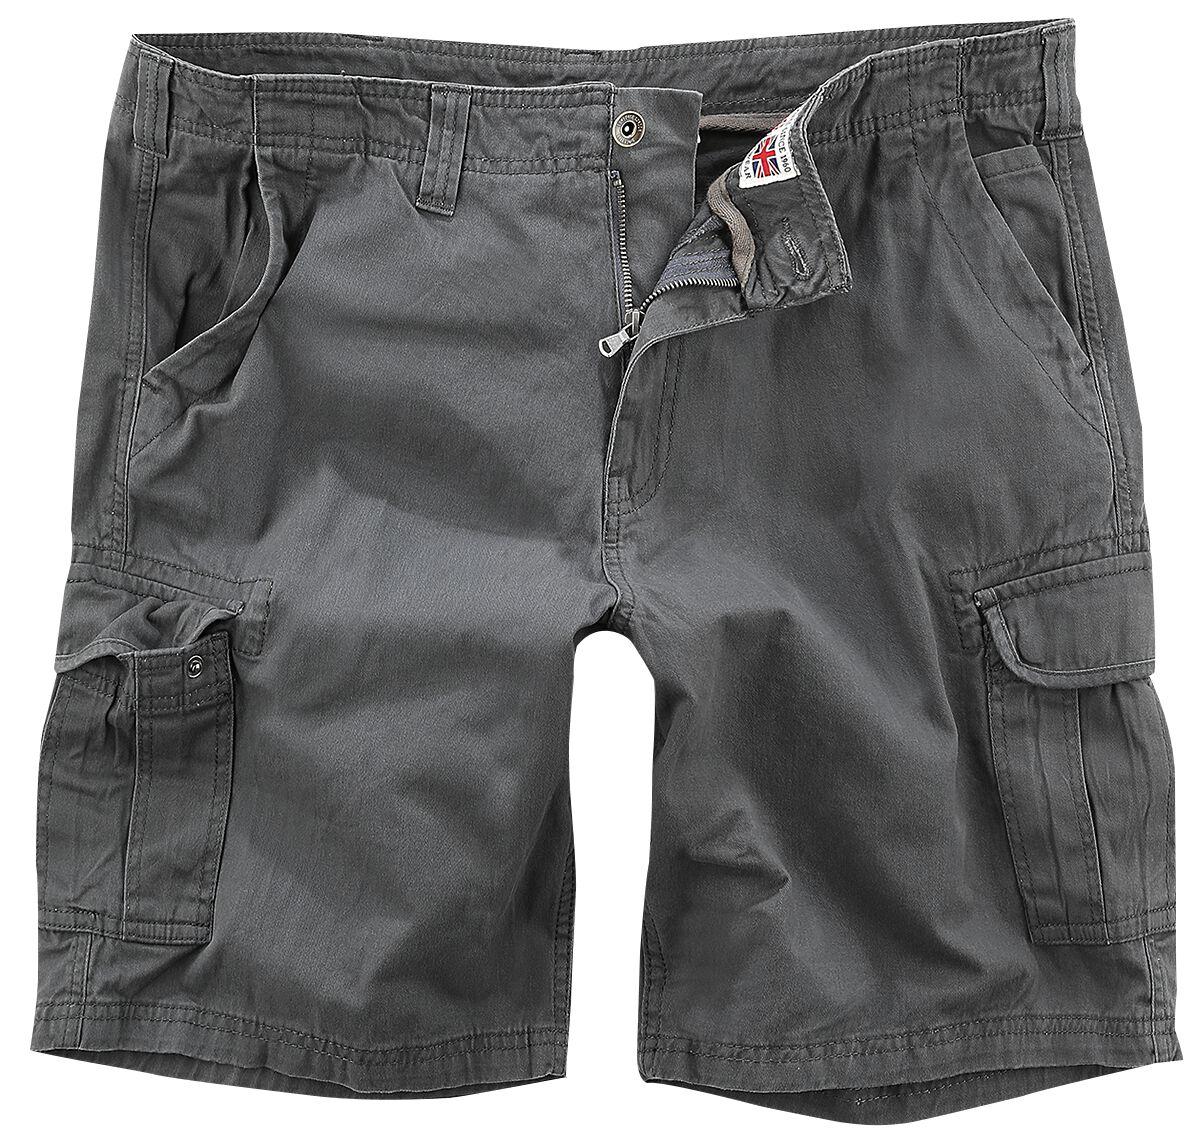 Image of Lonsdale London Wakeman Cargo-Shorts anthrazit